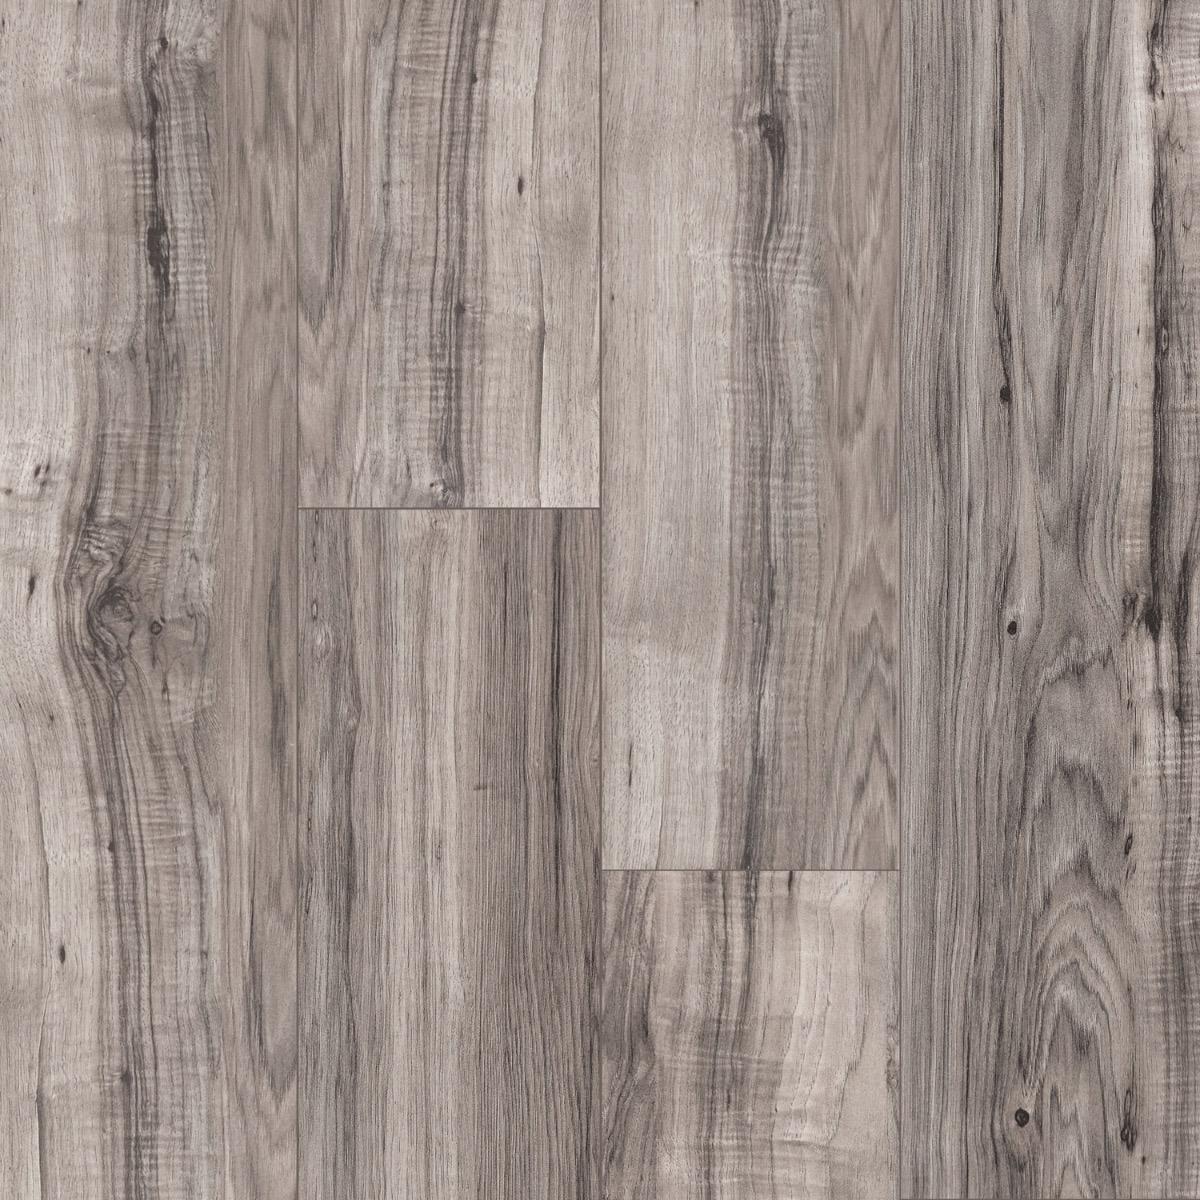 Southern Gray Waterproof Laminate, Sam's Club Select Surfaces Laminate Flooring